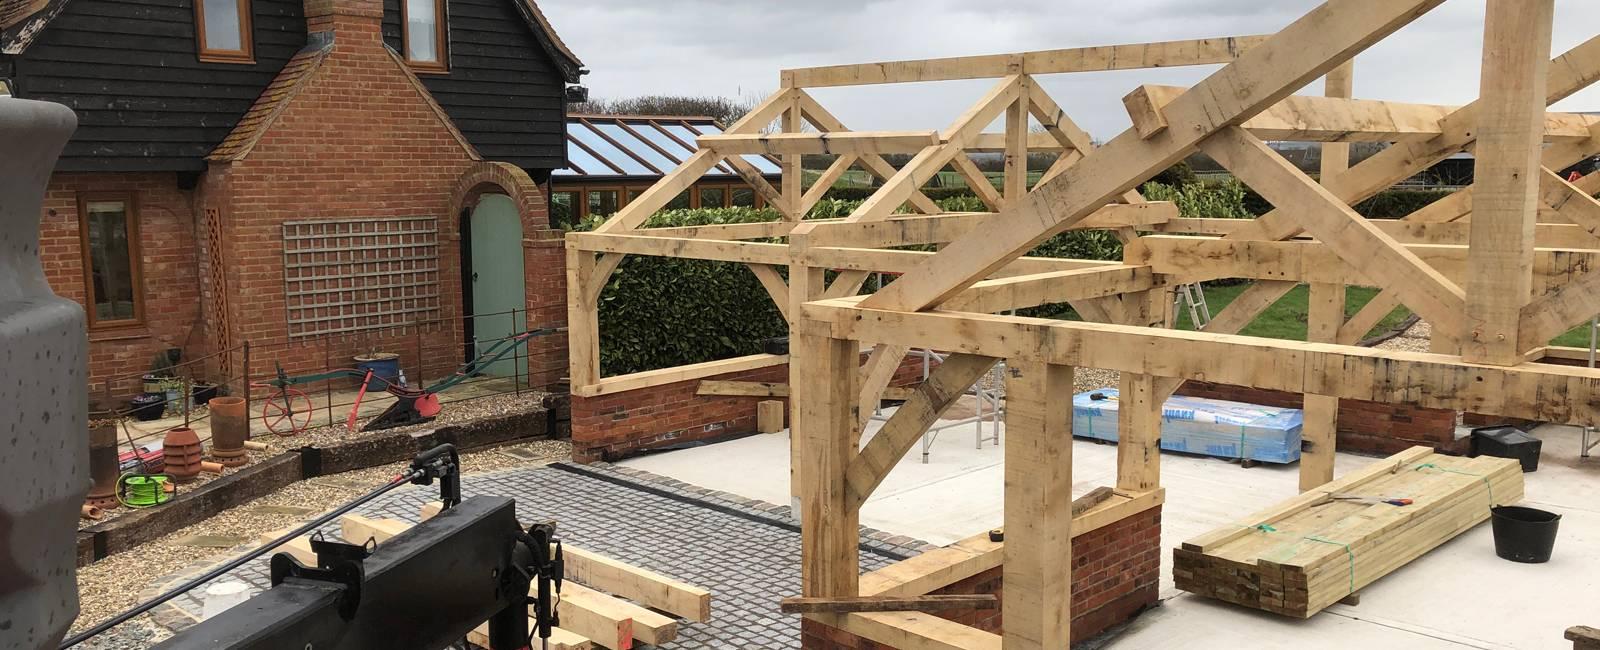 oak-frame-cafe-building.jpg